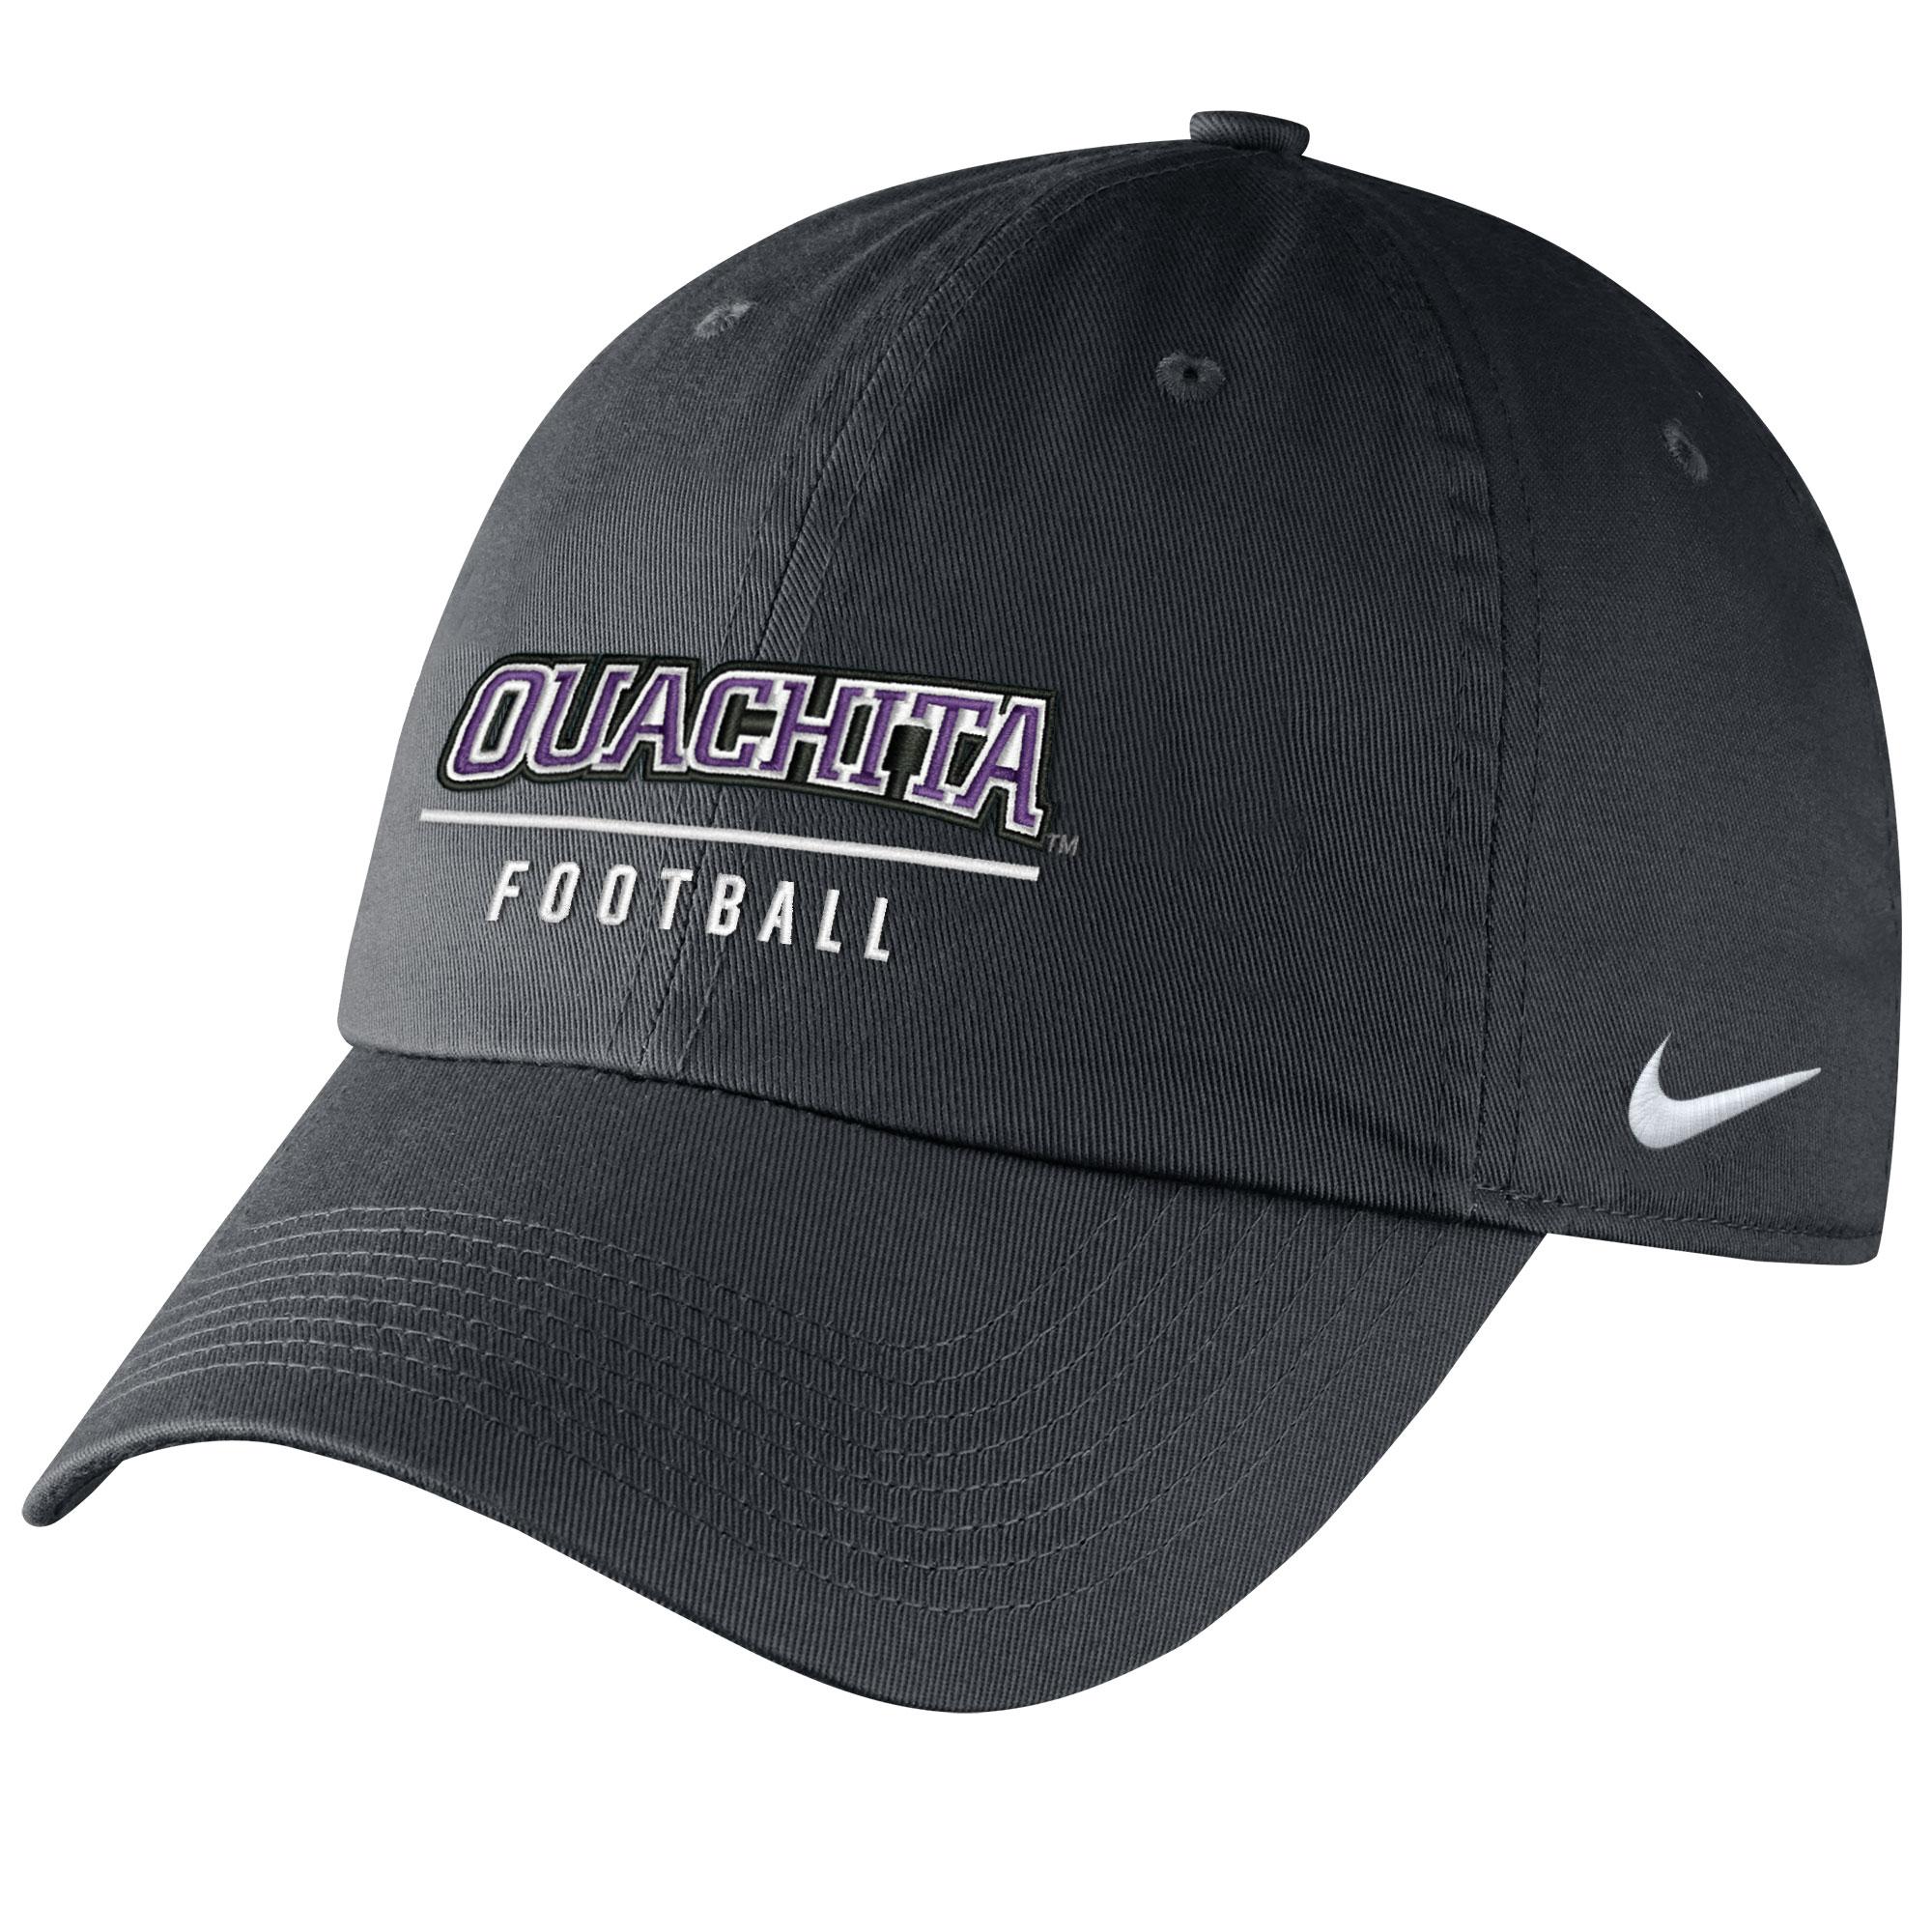 image of: OUACHITA FOOTBALL CAMPUS CAP